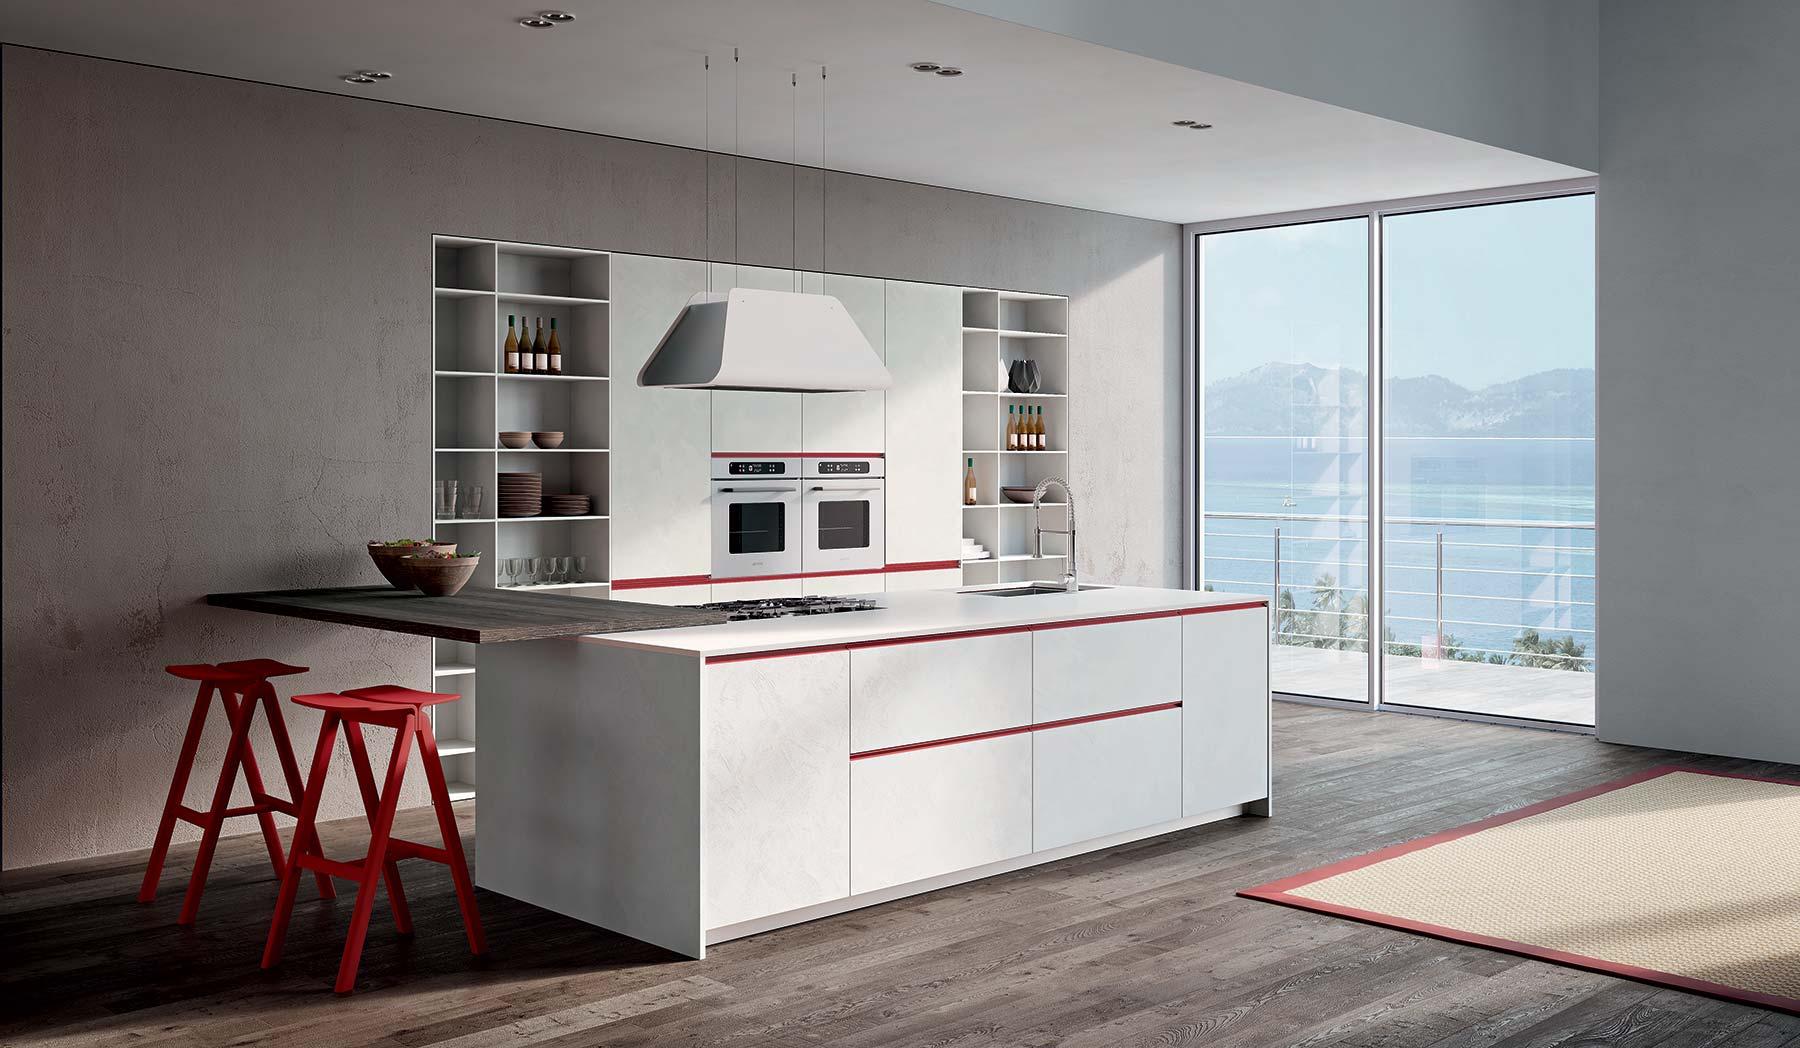 Cucina completa bianca e rossa Berloni con isola